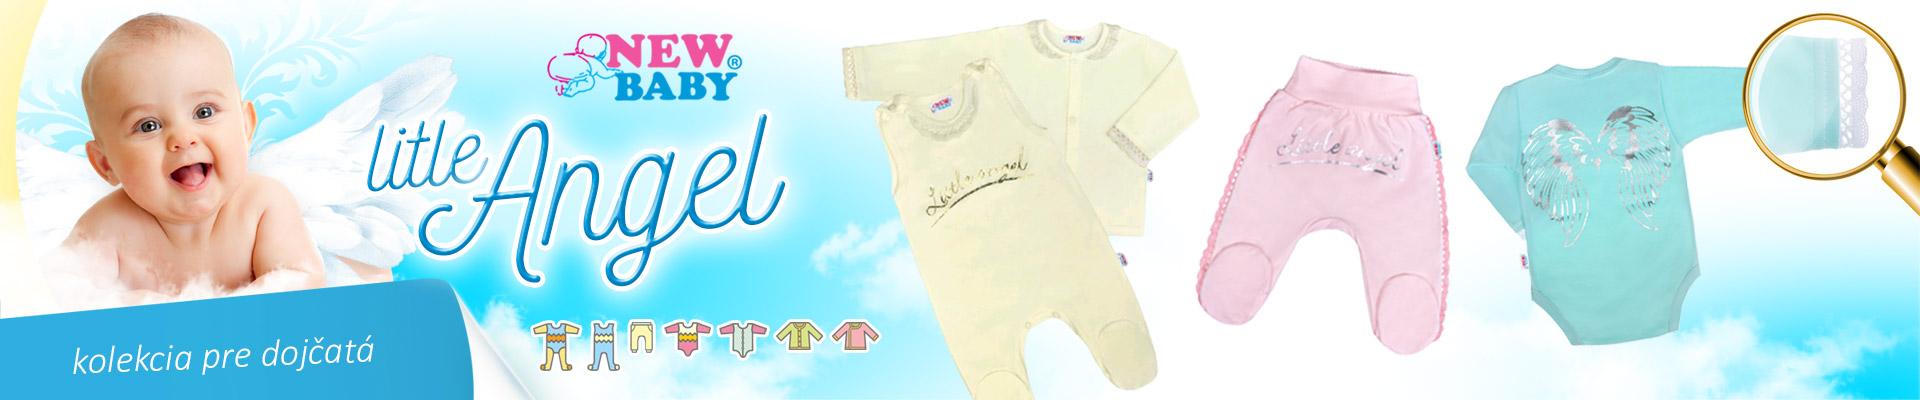 9421276b7595 Značka New Baby vyčarovala novú nebeskú kolekciu Angel. Kúzlu kolekcie  Angel podľahnete veľmi ľahko. Elegantné a štýlové dojčenské oblečenie Angel  dodá ...